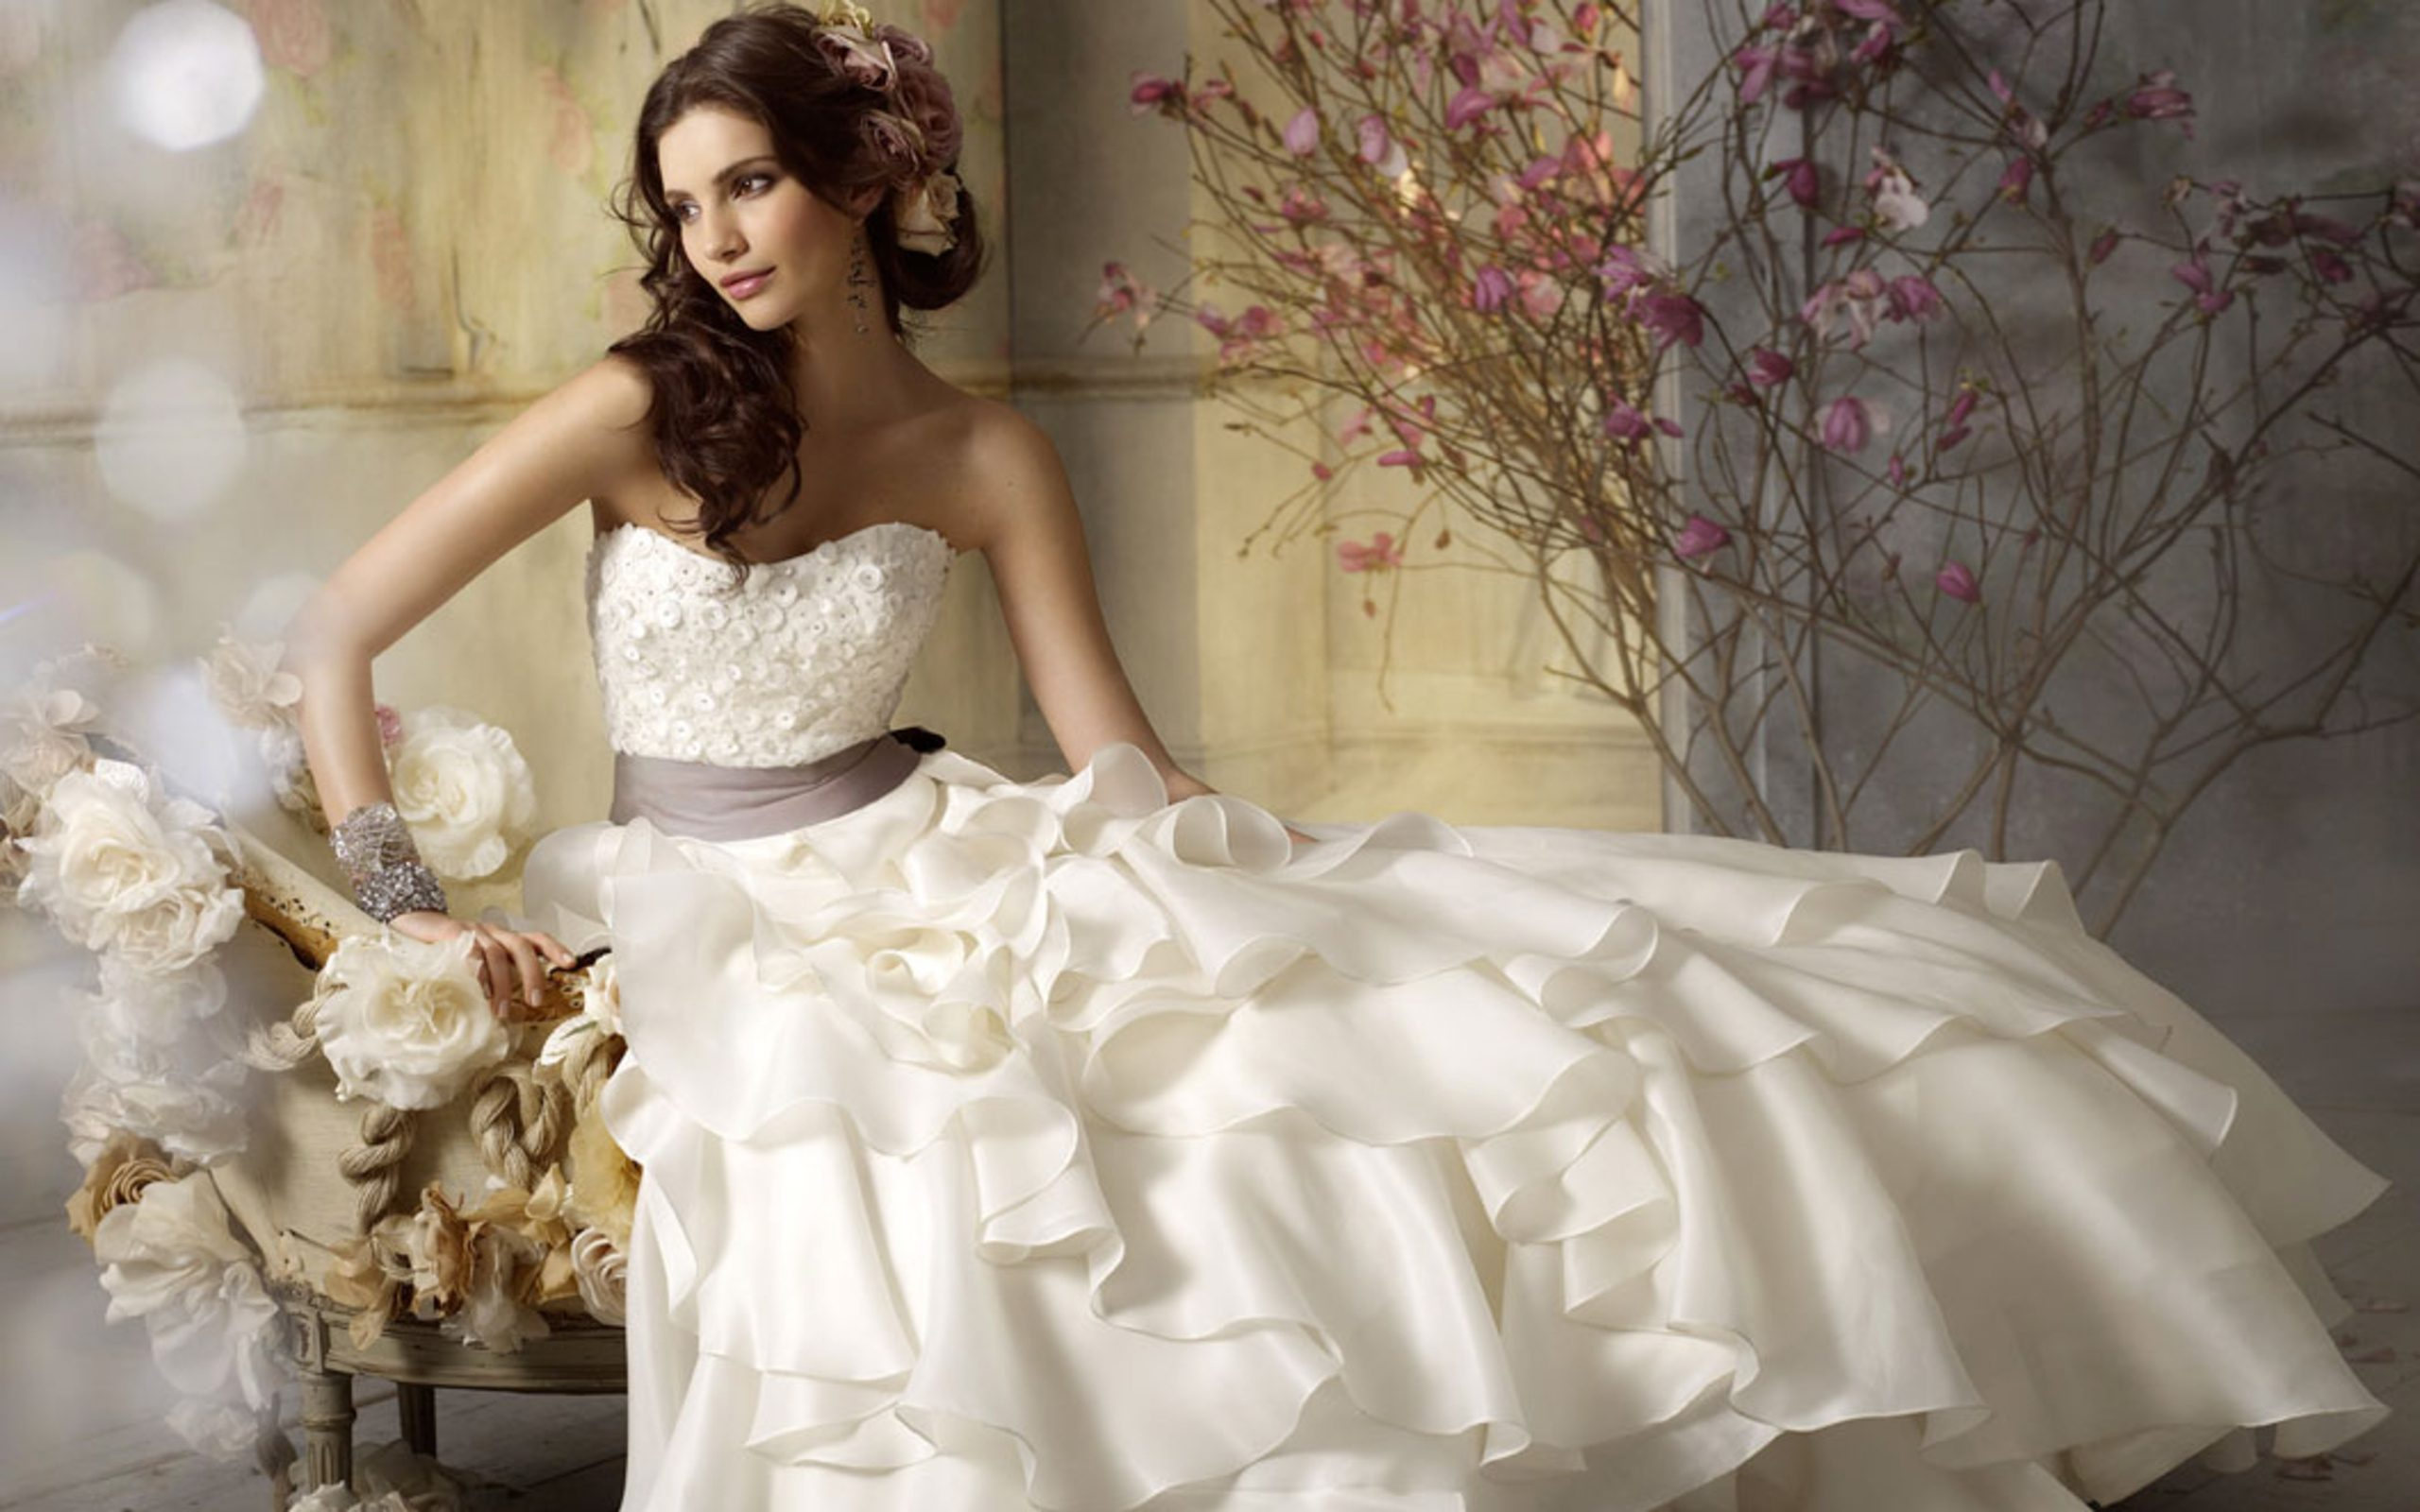 ... , скачать фотографии свадебное платье: xorst.ru/oboi?view=detail&id=4115